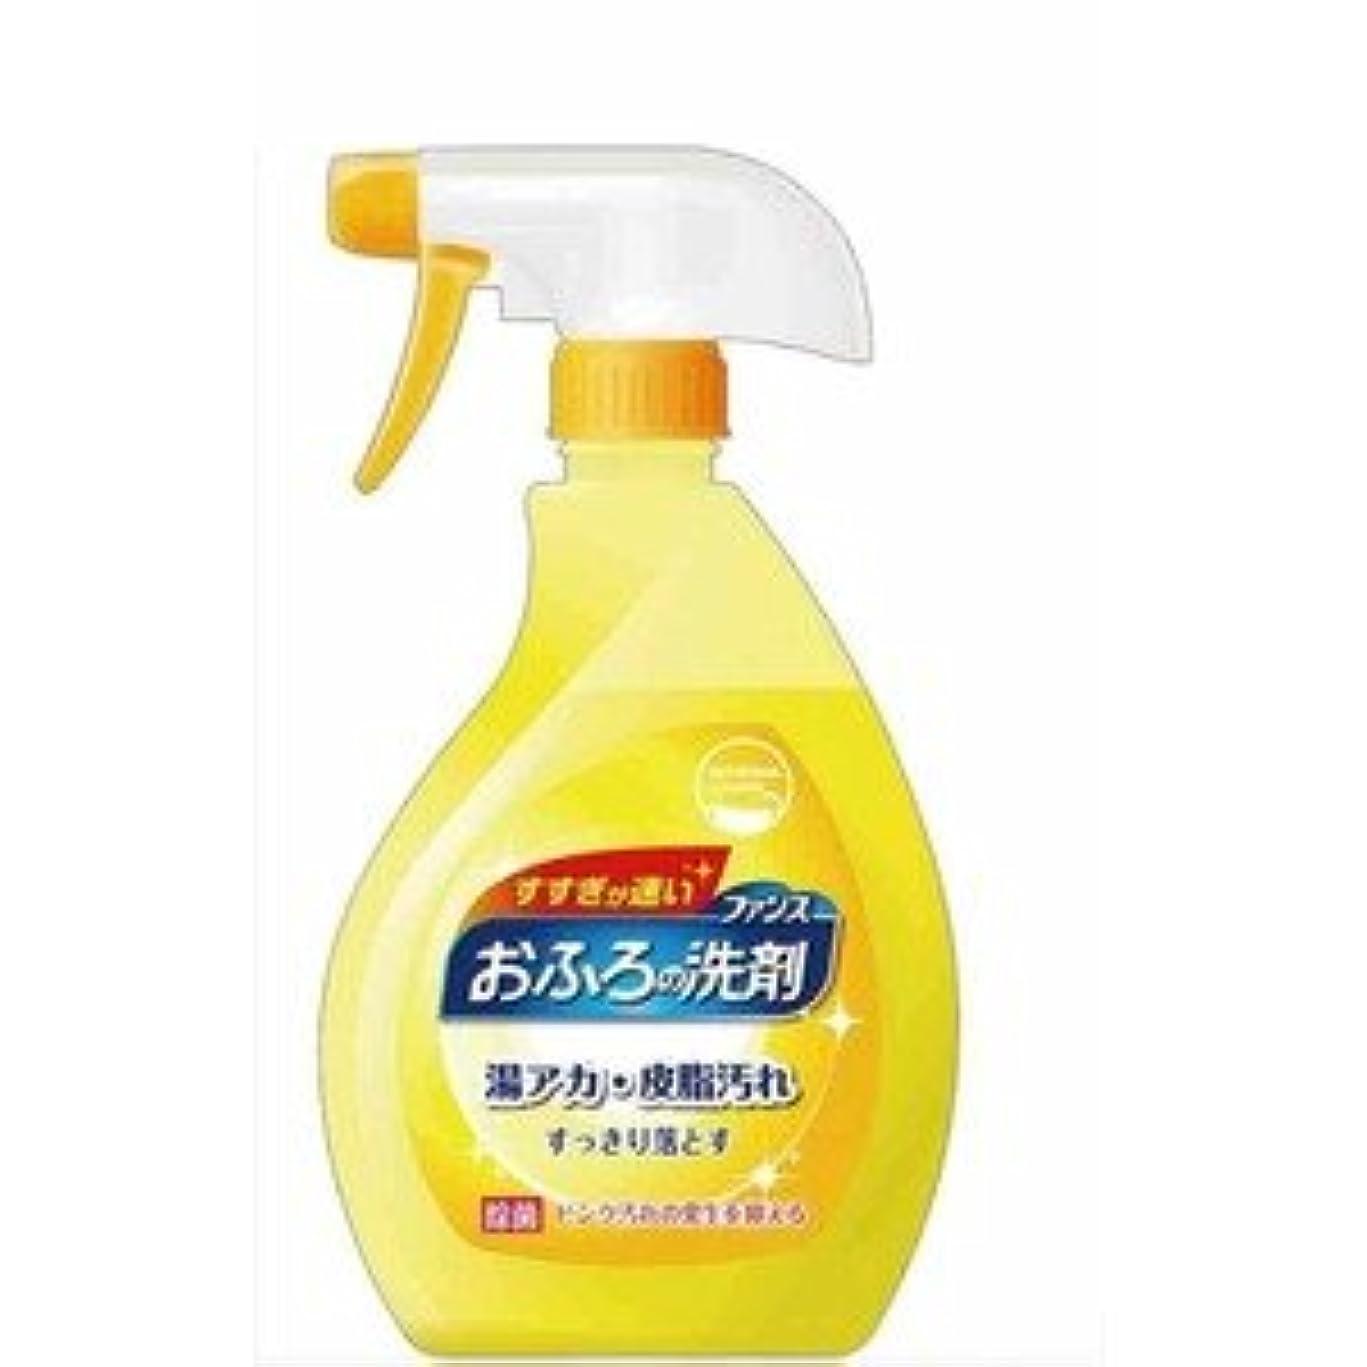 ドナー人工的な覆すルファンスおふろの洗剤オレンジミント本体380ml 46-238 【120個セット】